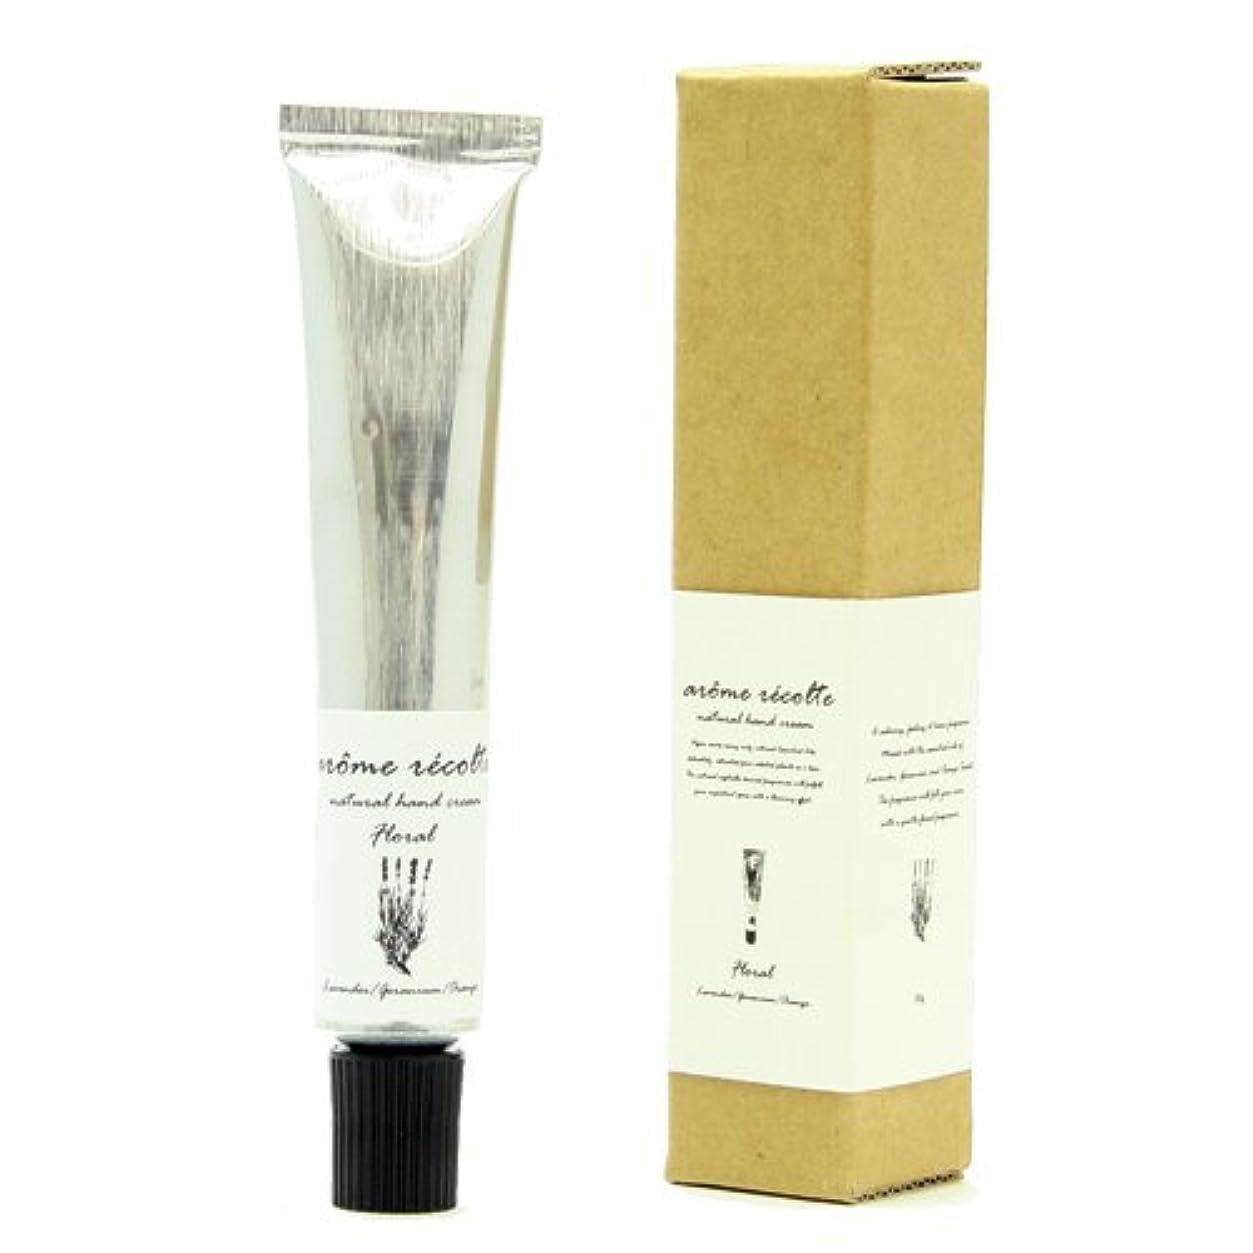 懸念キノコ思いやりのあるアロマレコルト ナチュラル ハンドクリーム 30g フローラル Floral arome recolte hand cream